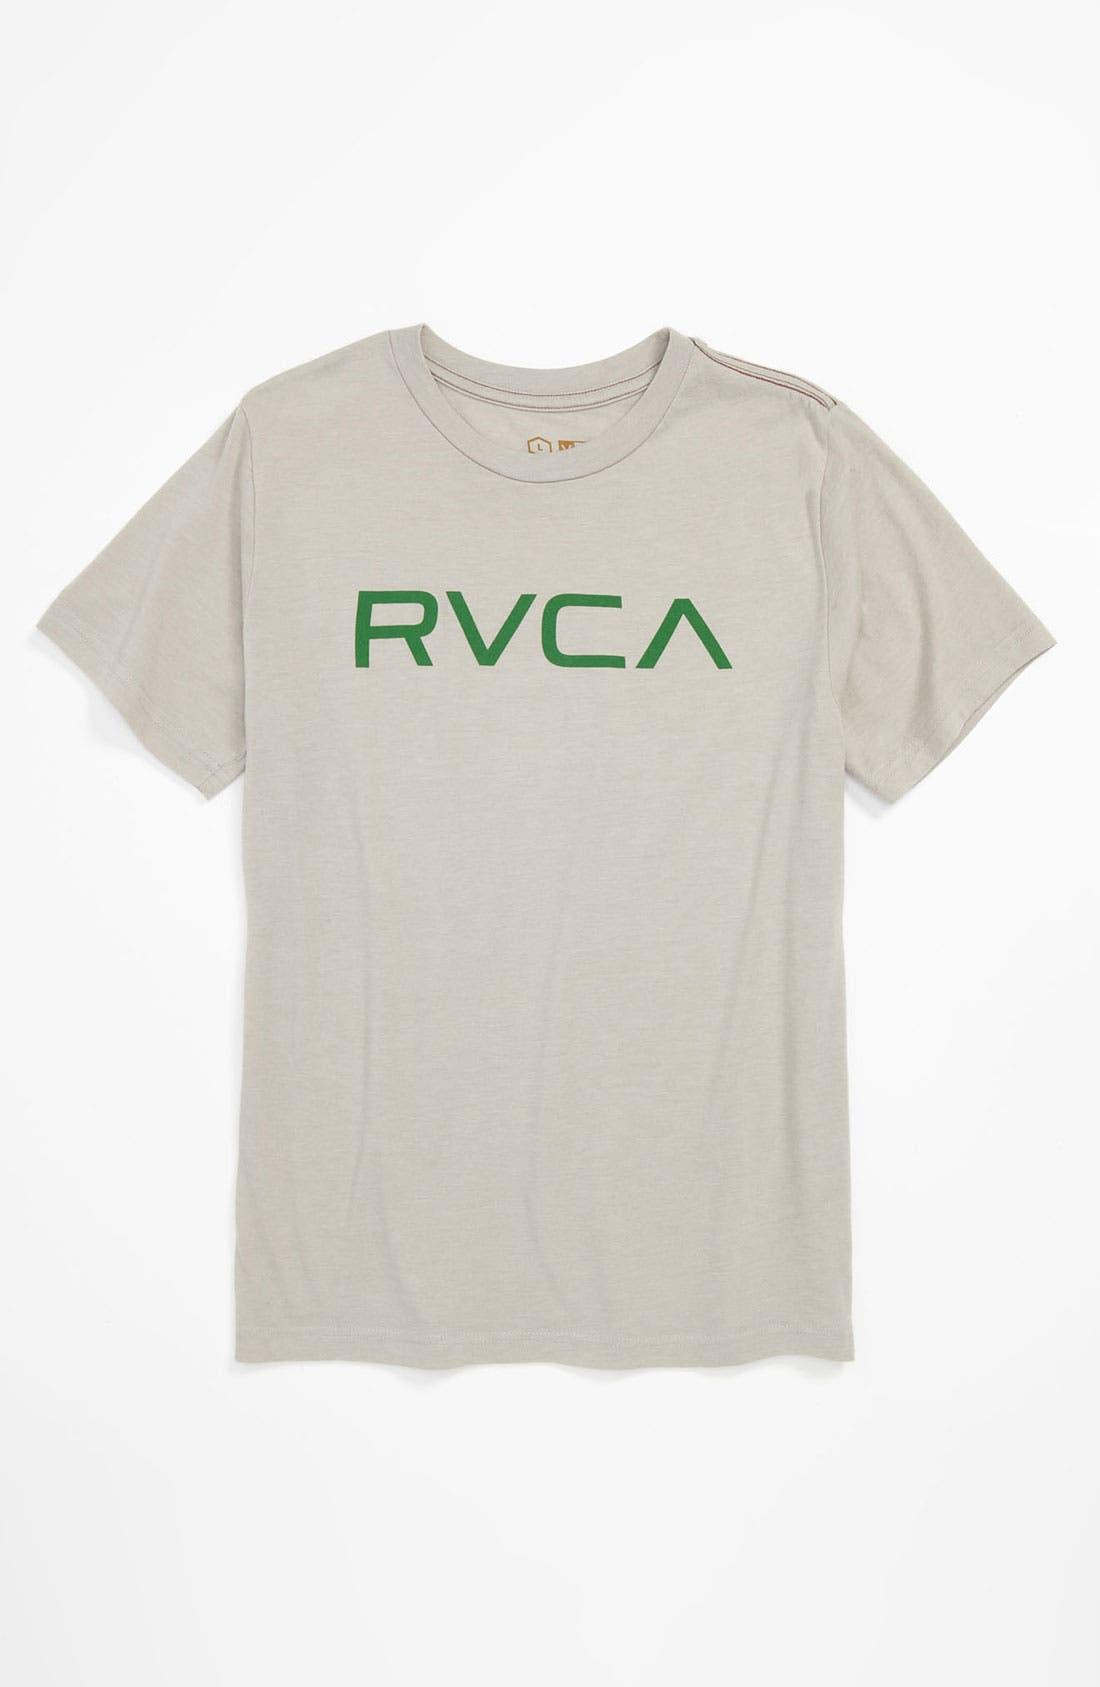 Alternate Image 1 Selected - RVCA 'Big RVCA' T-Shirt (Big Boys)